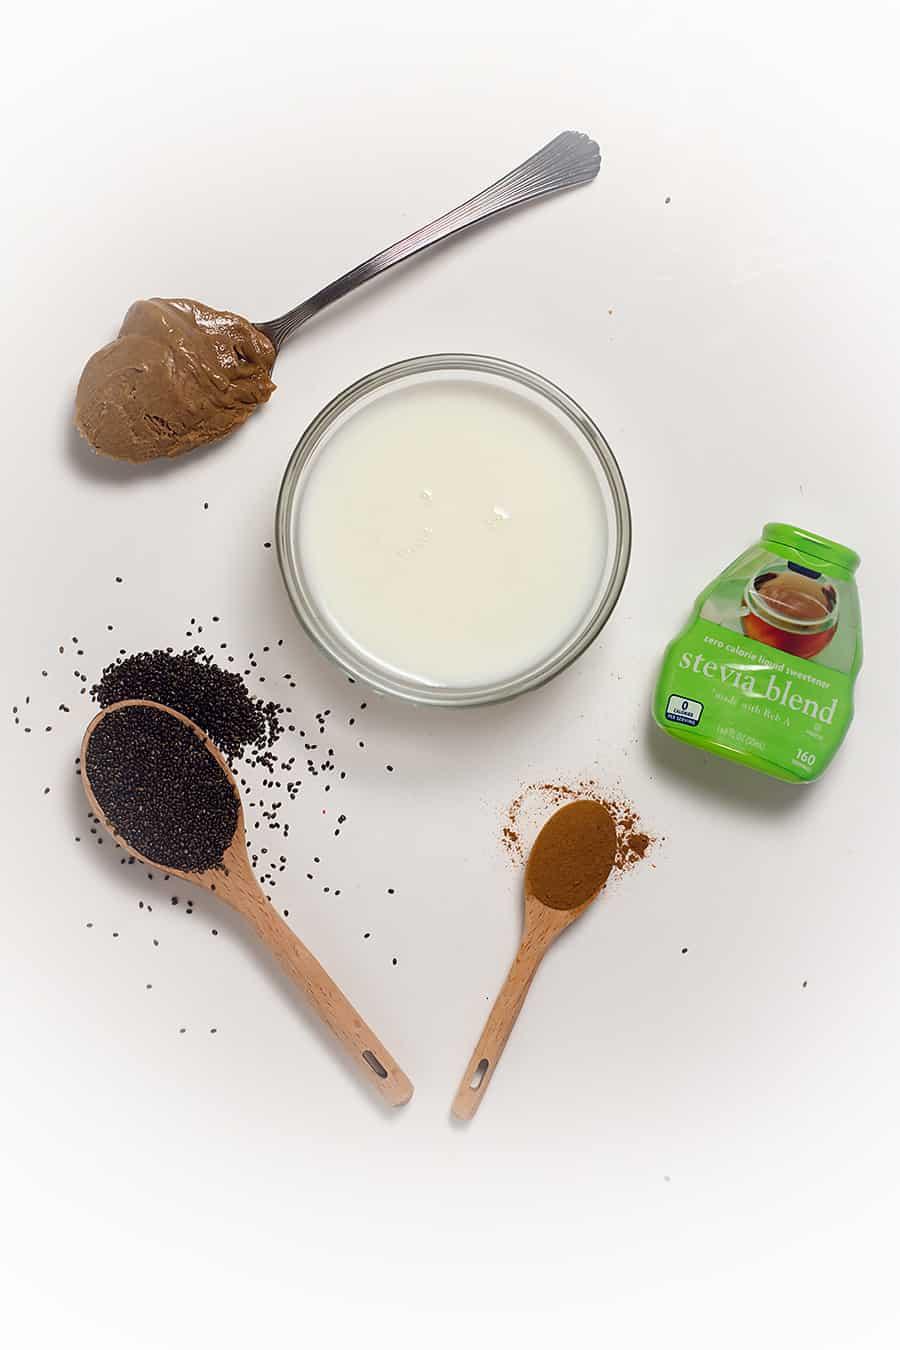 ingredients to make keto chia pudding